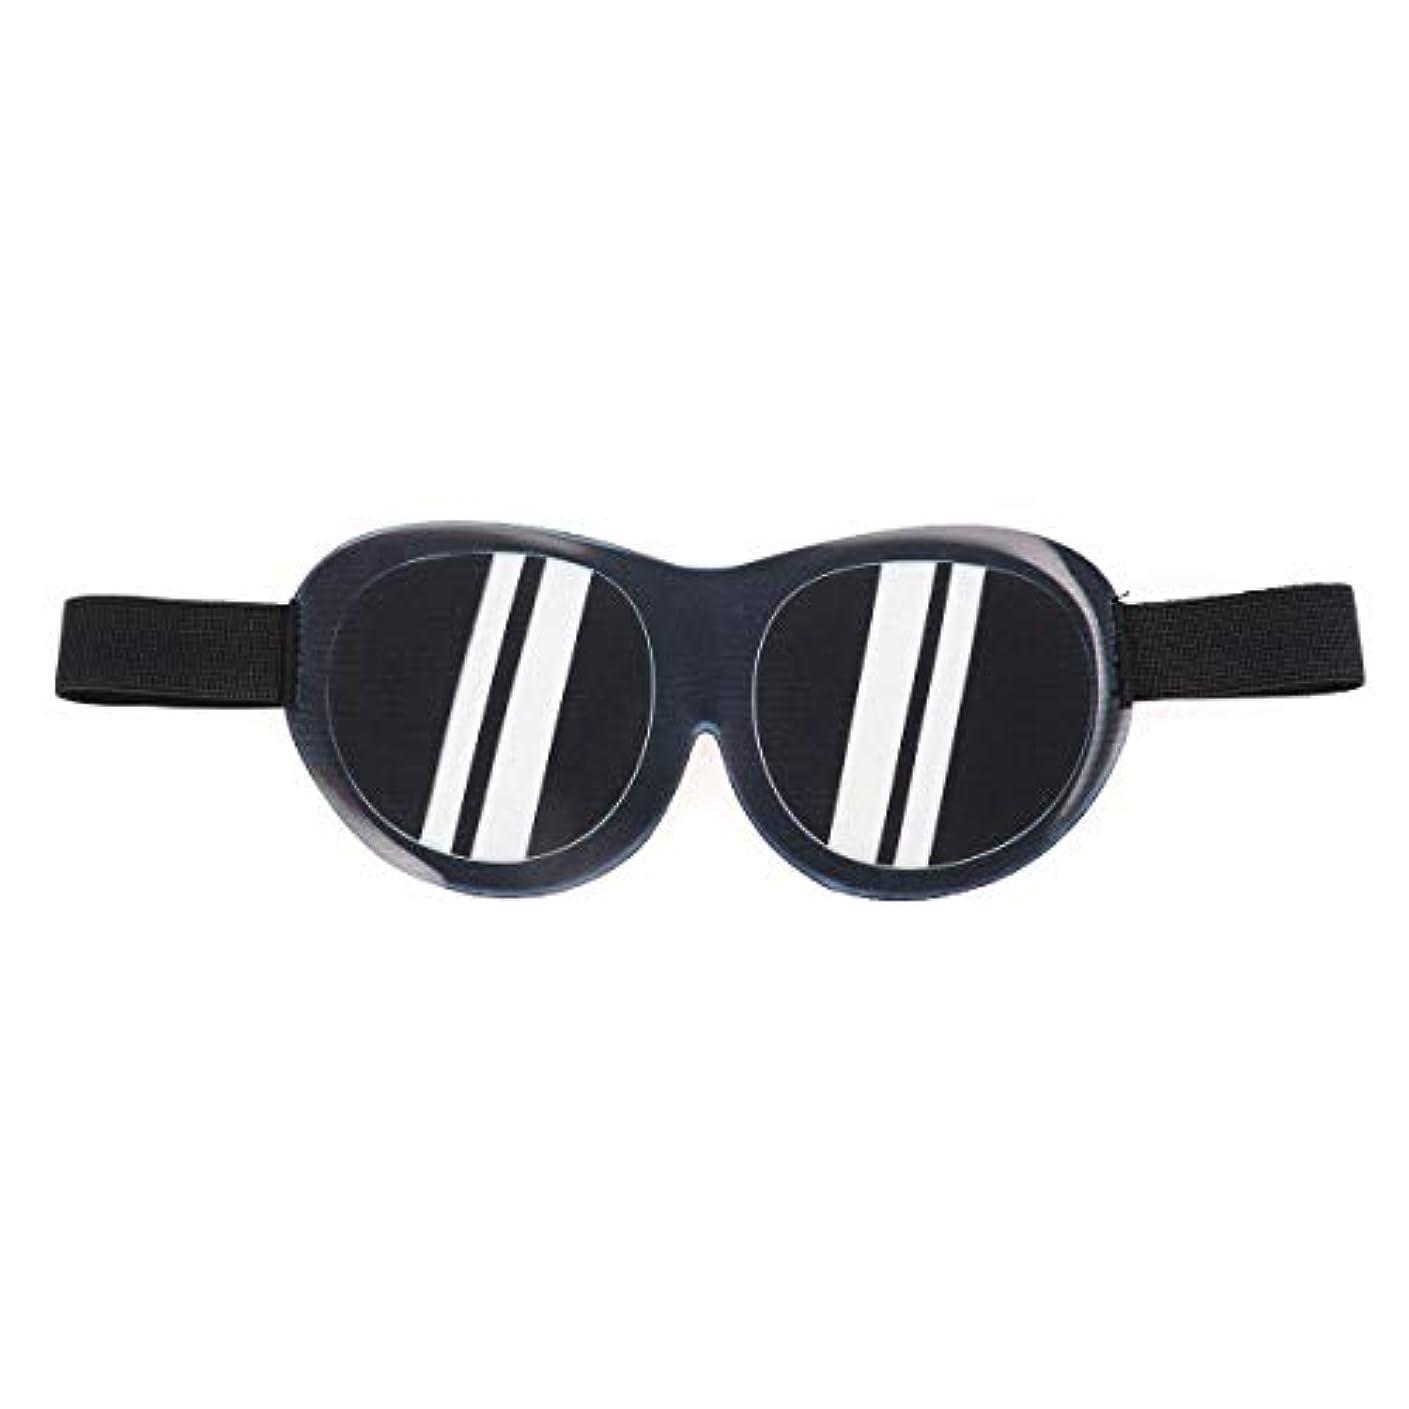 熟練した思われる密接にBeaupretty おかしいアイマスク3Dサングラスアイシェードおかしいなりすましステレオホームスリーパーアイスリープシェード(サングラスを持っているふりをする)